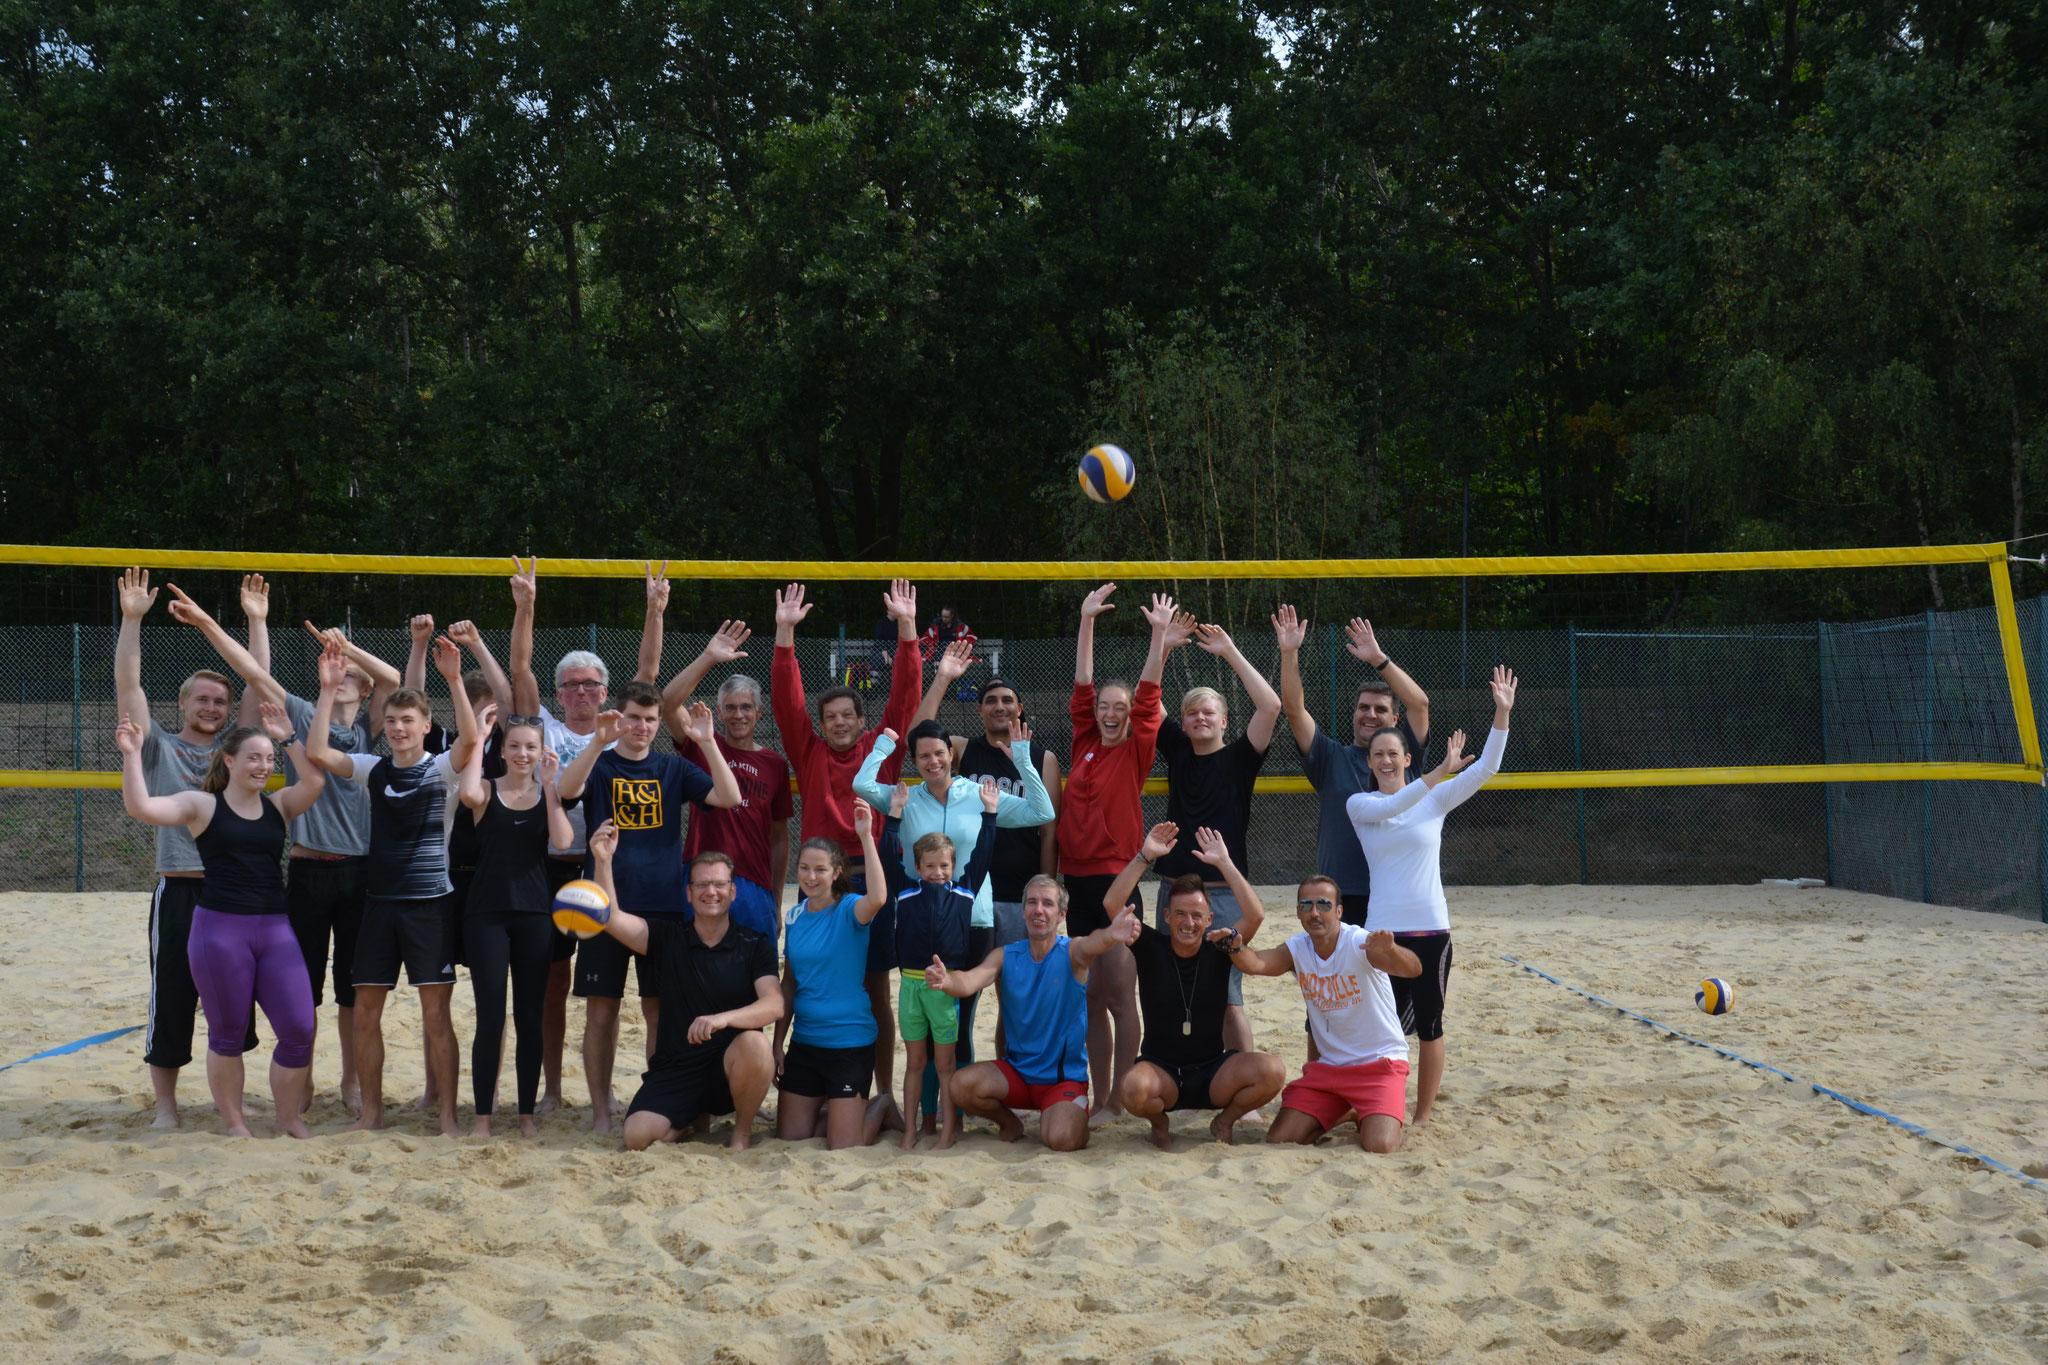 Die Volleyballer hatten wie jedes Jahr wieder einmal sehr viel Spaß bei ihrem Turnier! :)